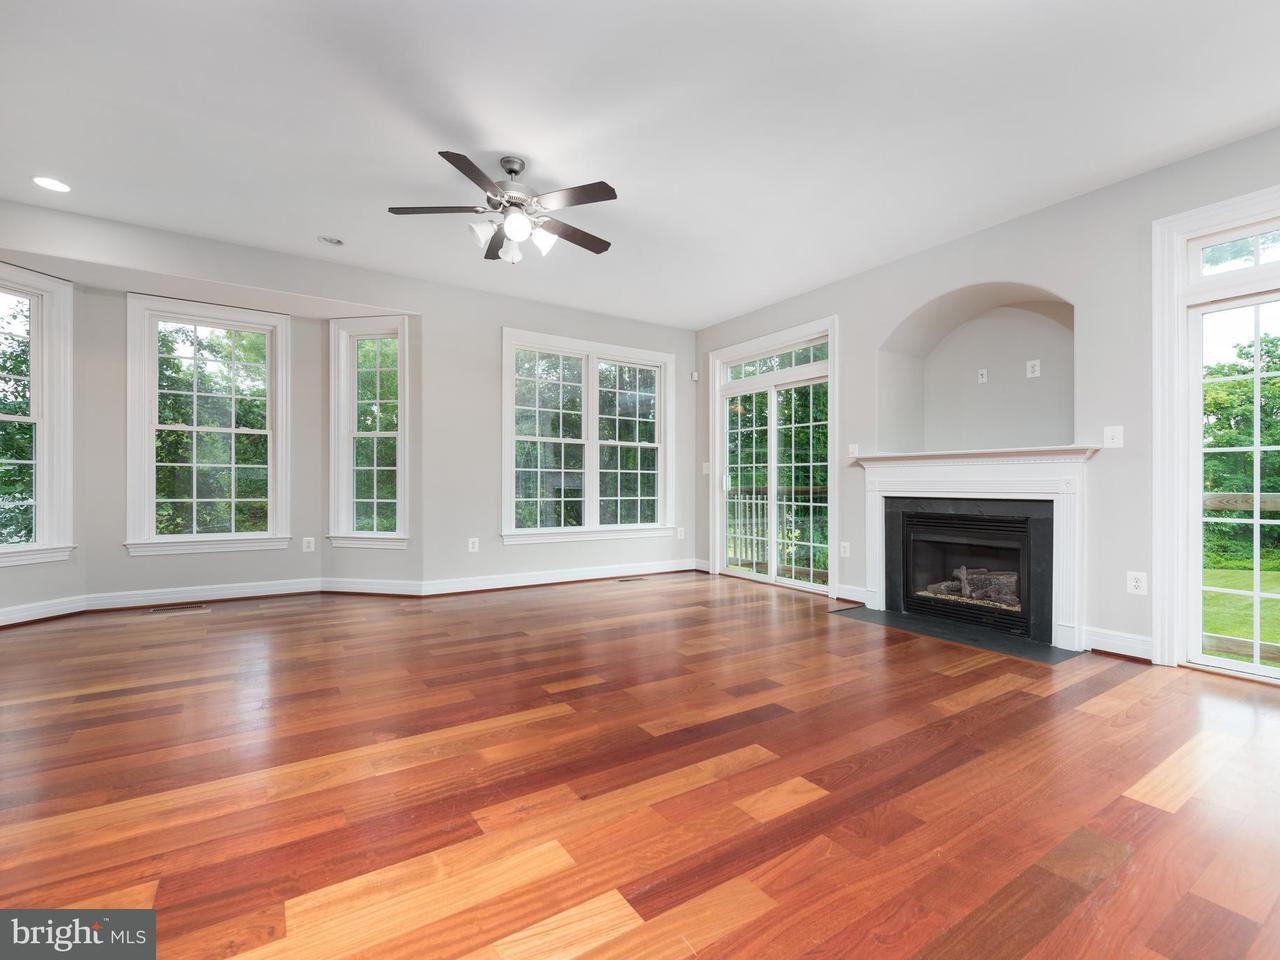 一戸建て のために 売買 アット 1413 Payne Street 1413 Payne Street Fredericksburg, バージニア 22401 アメリカ合衆国